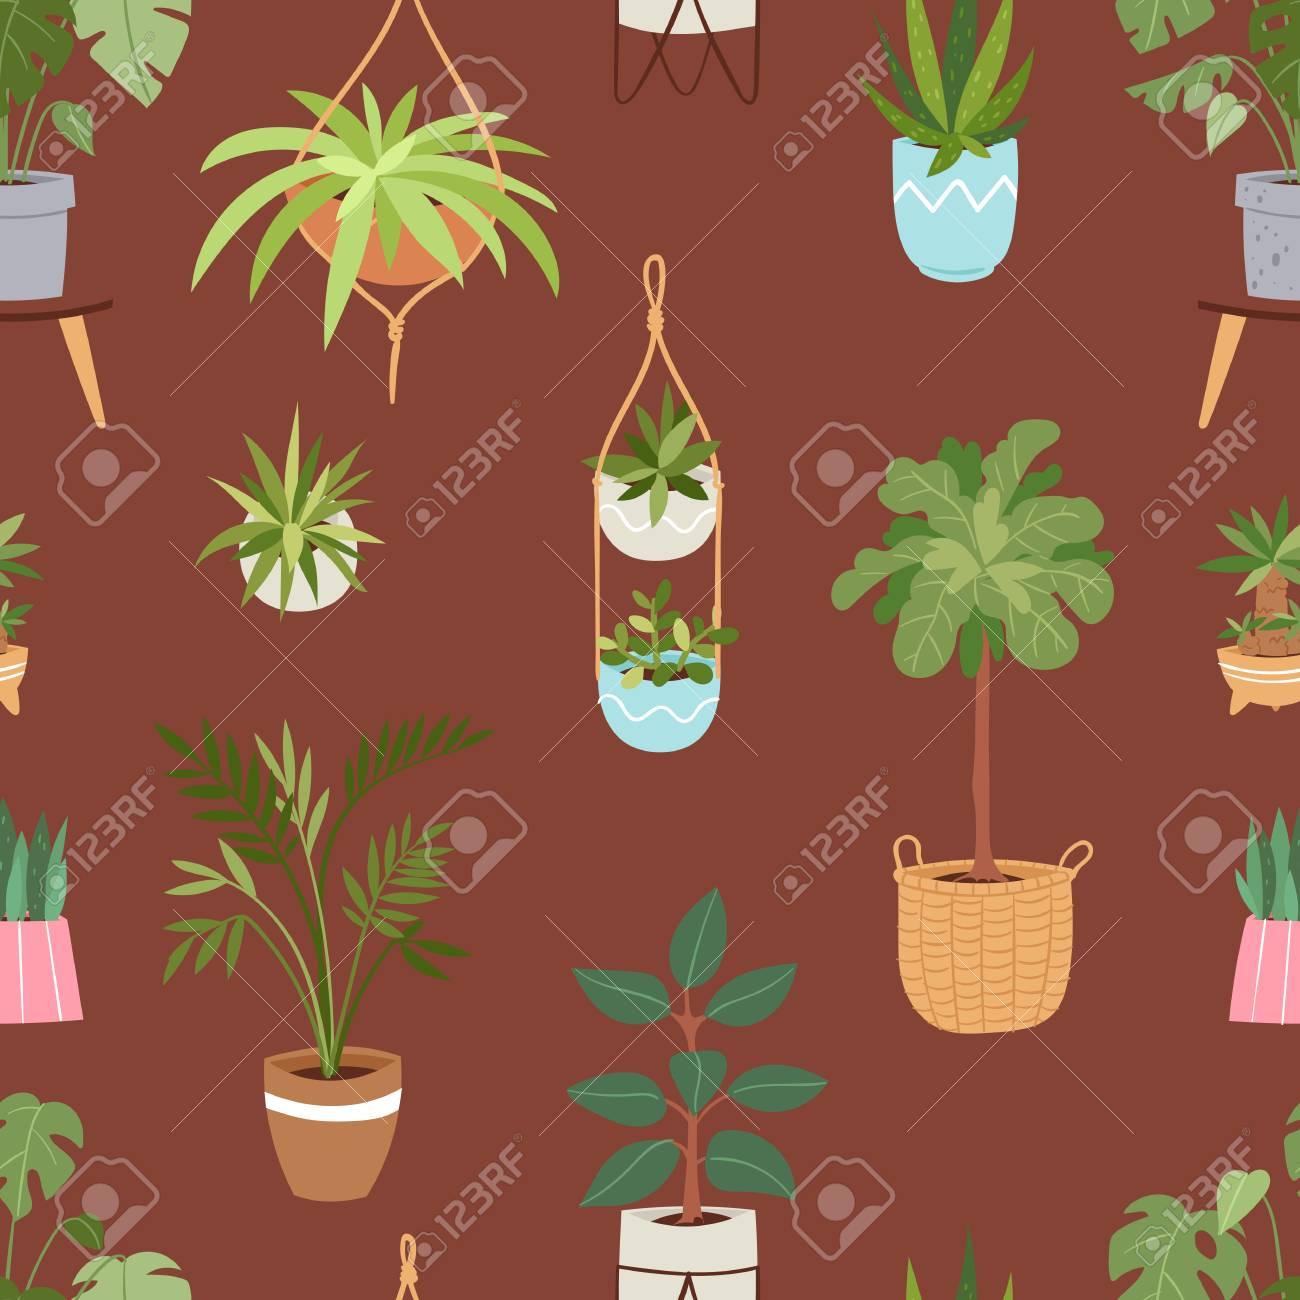 Plantes Vecteur Interieur Maison Et La Nature Des Fleurs Faites